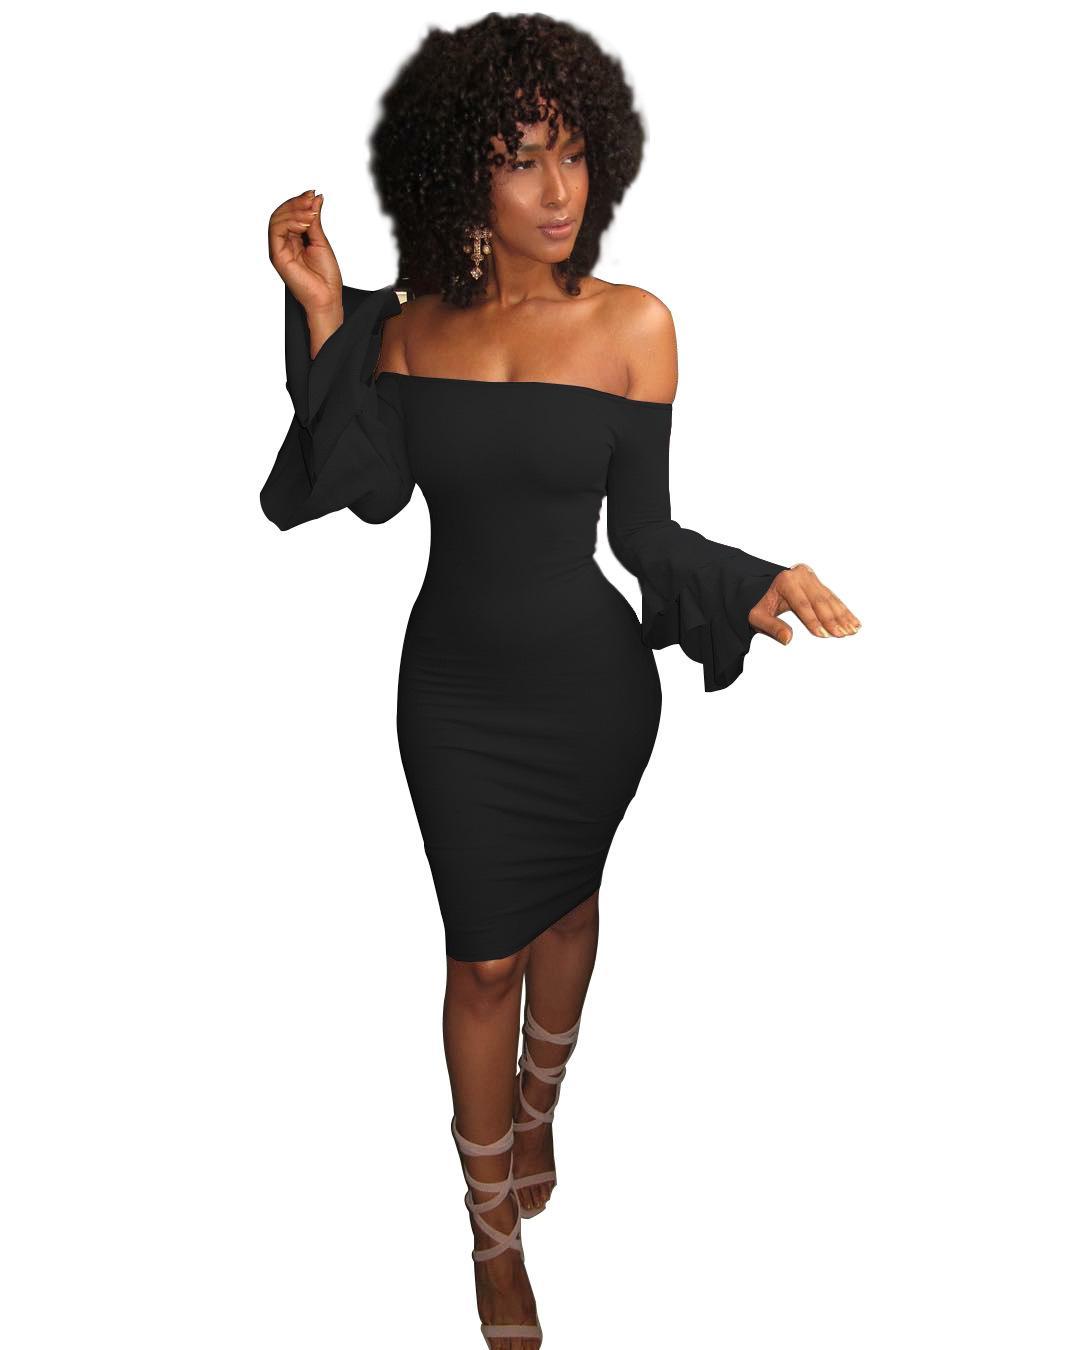 3ae64df3c2699 Satın Al 2018 Yeni Yaz Kadın Elbise Diz Boyu Seksi Bandaj Bodycon Elbise  Kısa Kollu Günlük Elbiseler Sundress Femme D04, $2.02   DHgate.Com'da